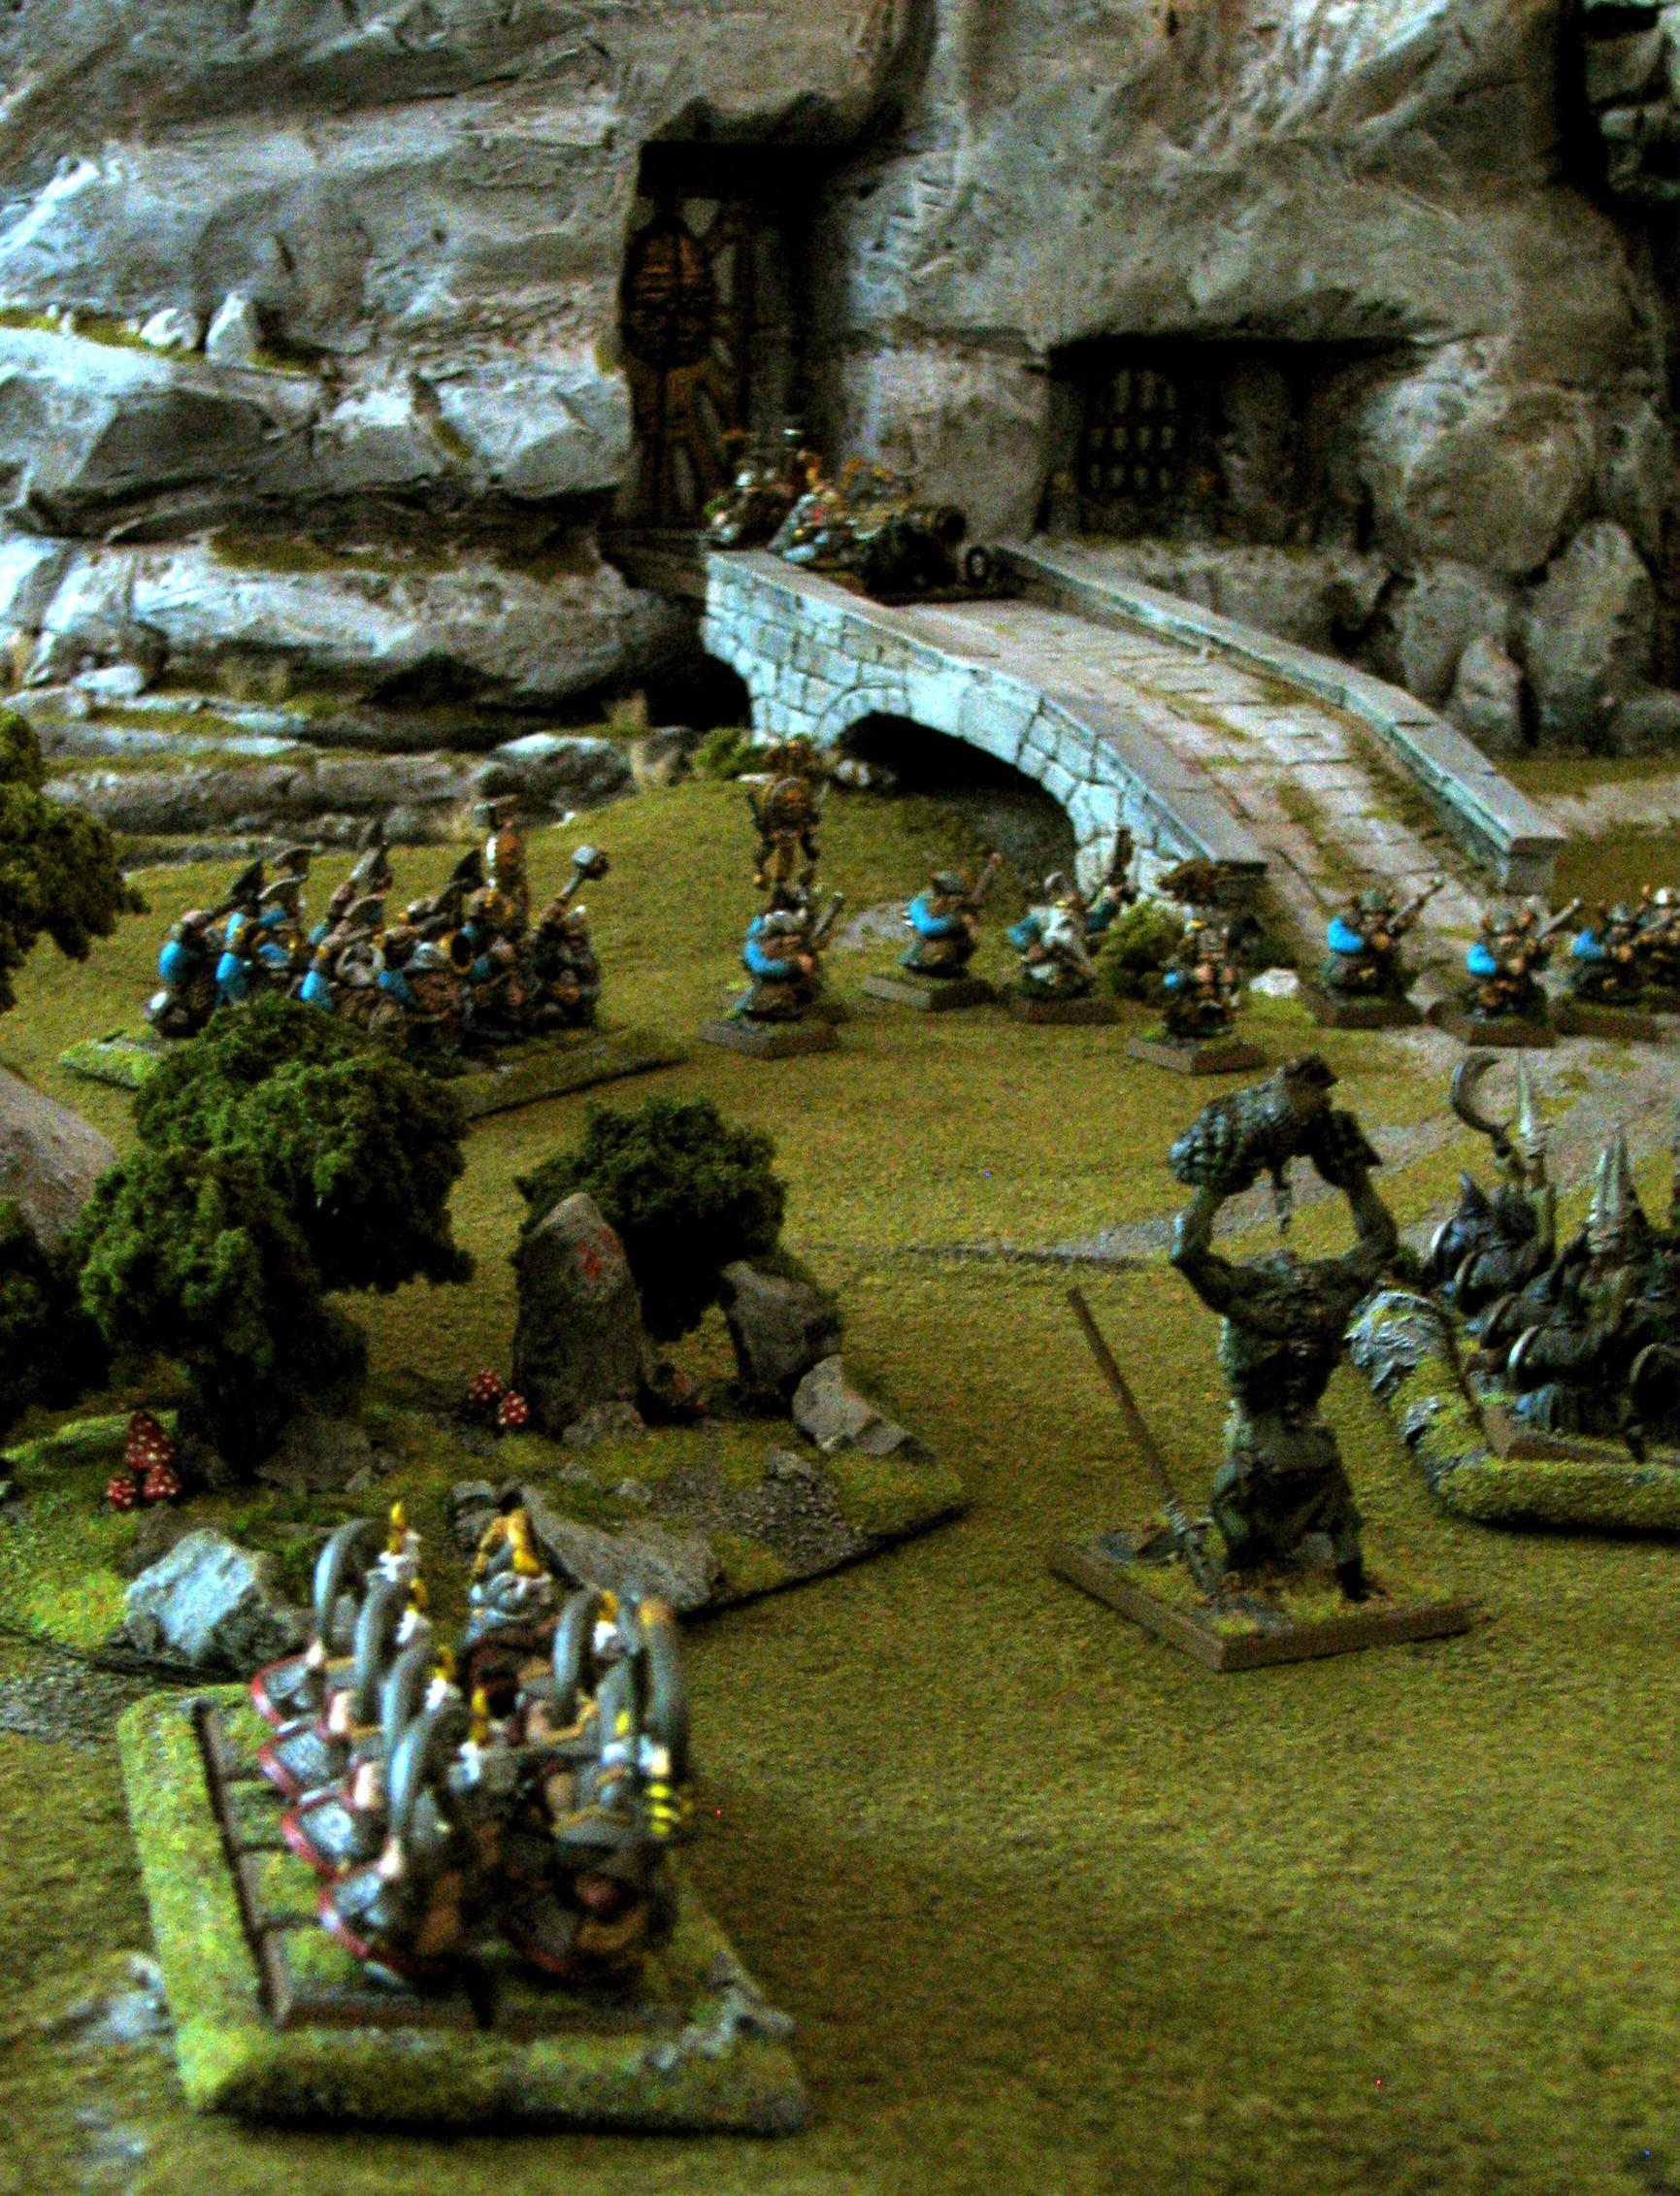 Warhammer Fantasy, Skull pass dwarfs